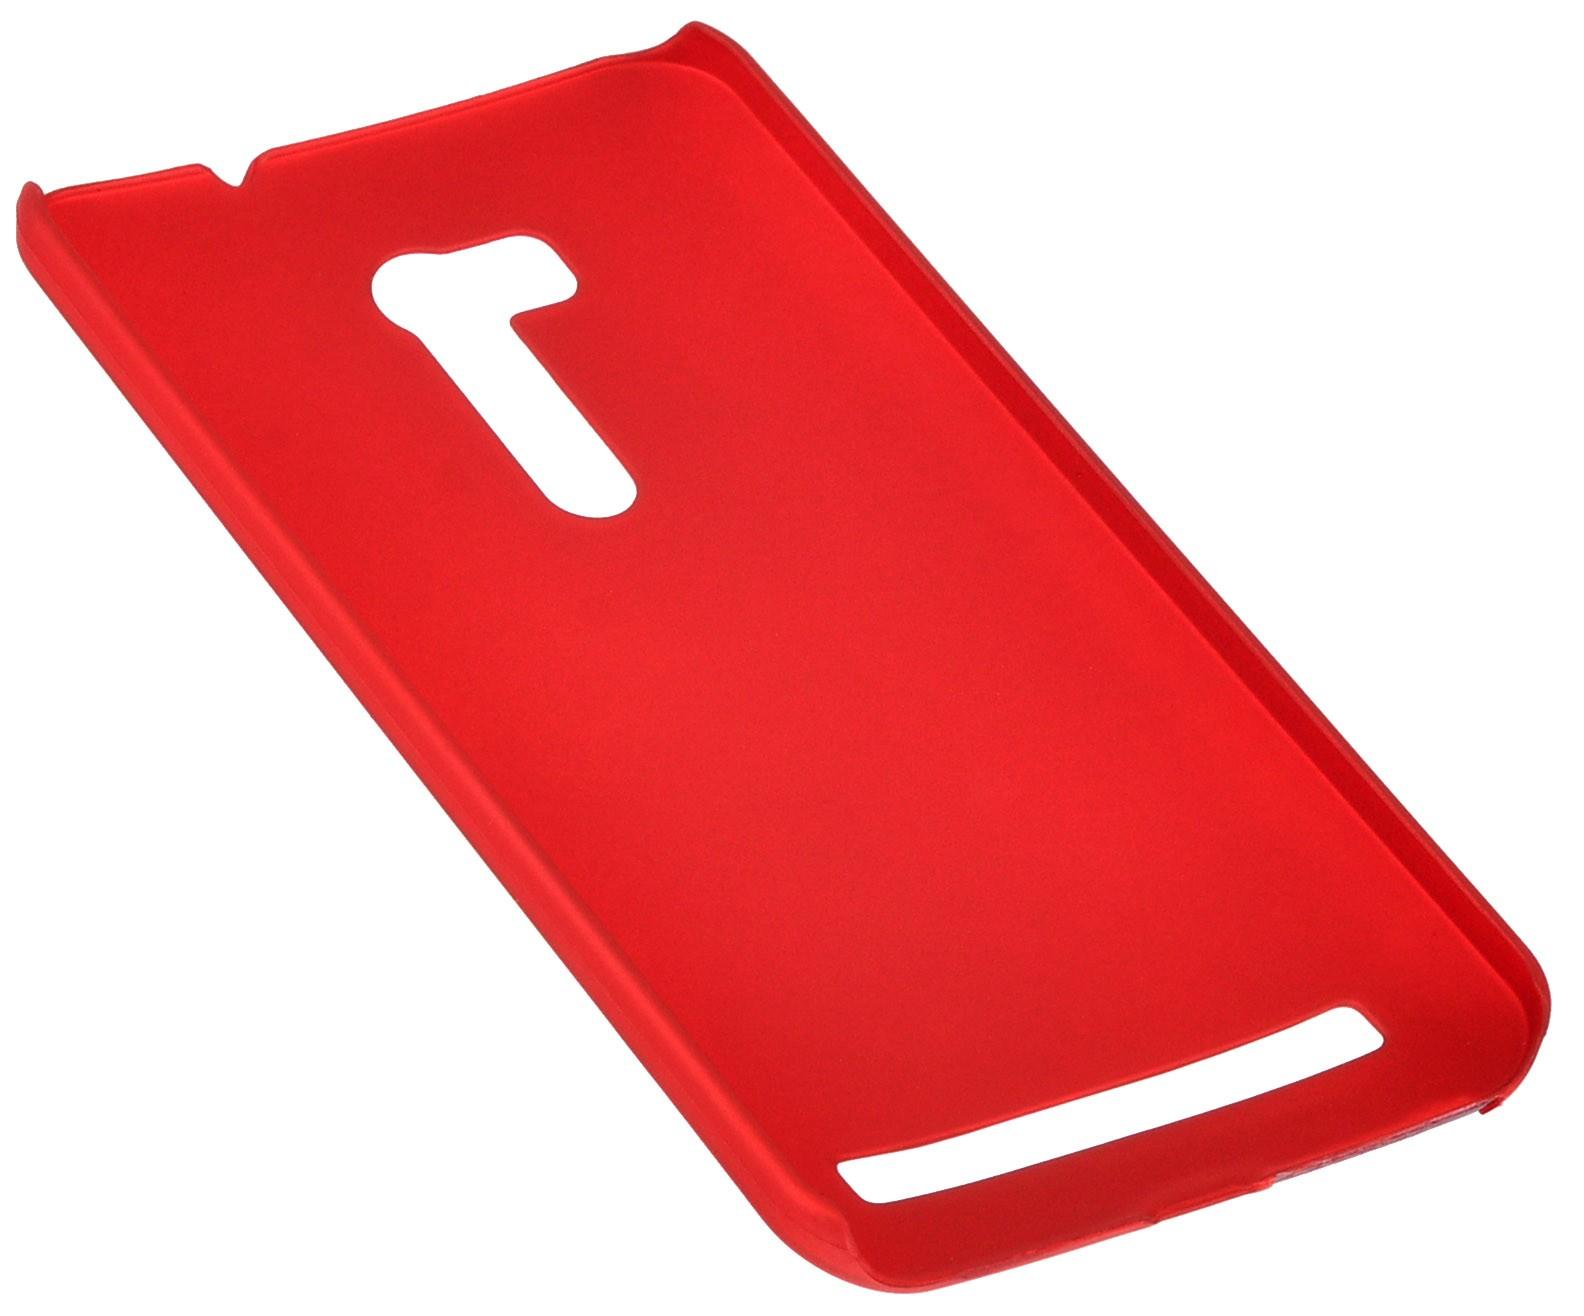 Чехол для сотового телефона skinBOX 4People, 4660041407525, красный чехол для сотового телефона skinbox 4people 4630042528994 красный